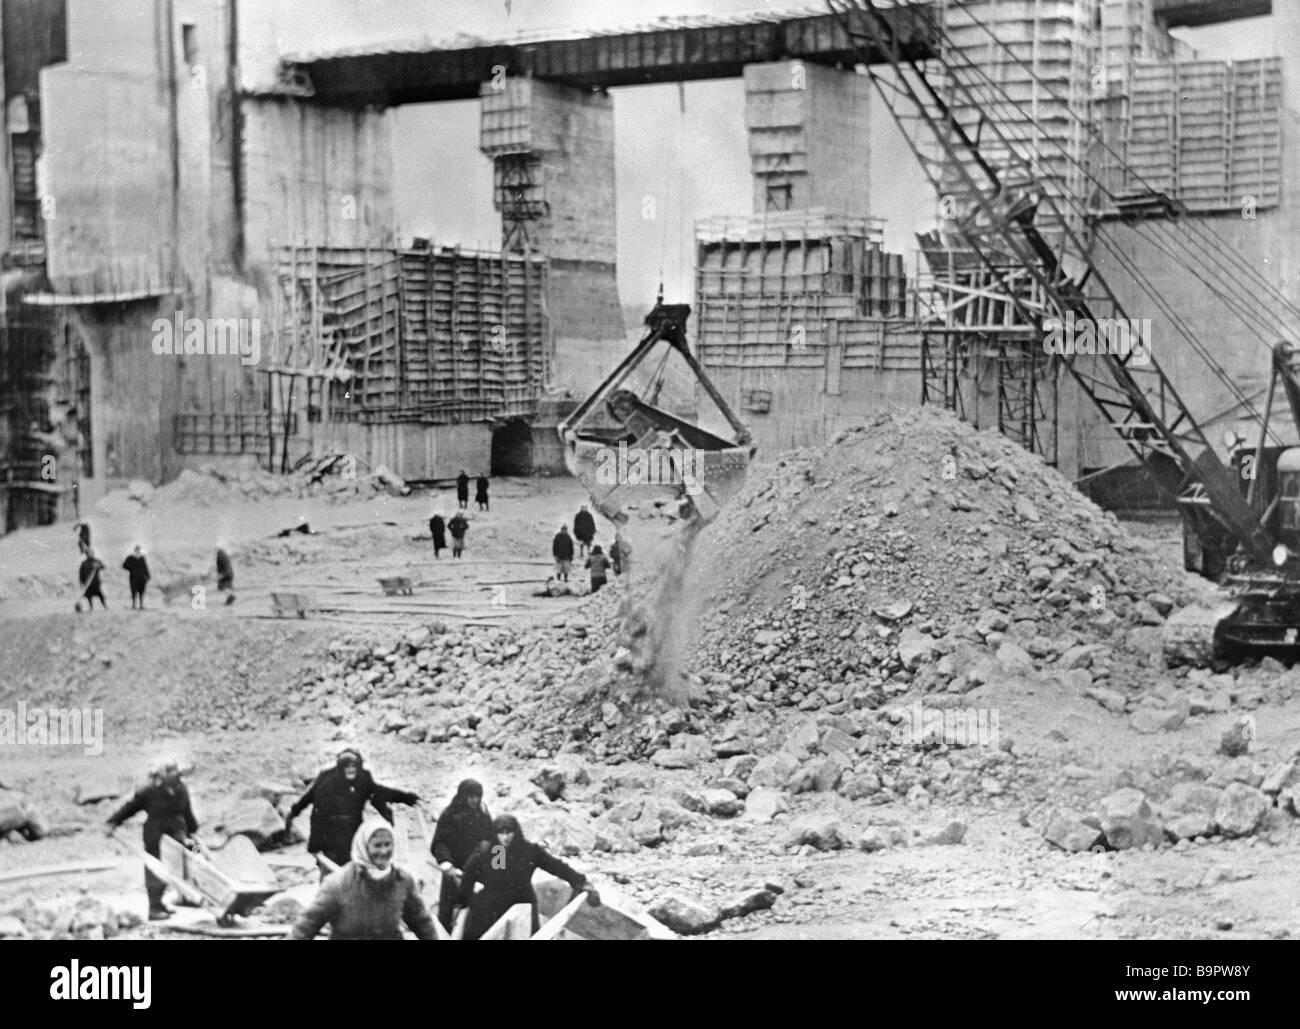 Rekonstruktion der Dneproges von den Nazis zerstört Stockbild